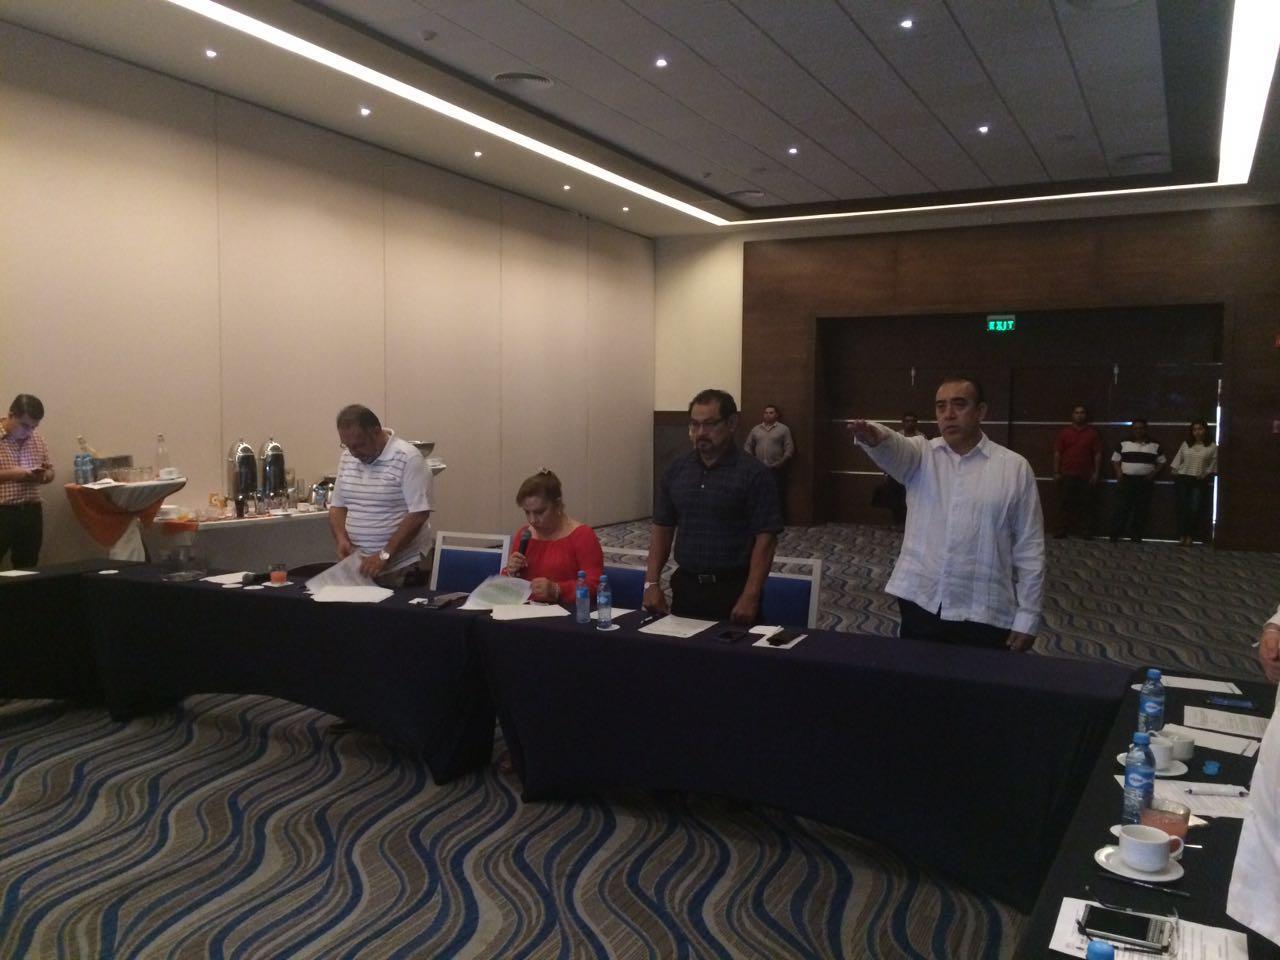 IMPONE CONGRESO FISCAL Y AUDITOR PARA 'BLINDAR' A BORGE: Nuevamente a puerta cerrada, diputados mayoritean nombramientos del 'paquete de impunidad'